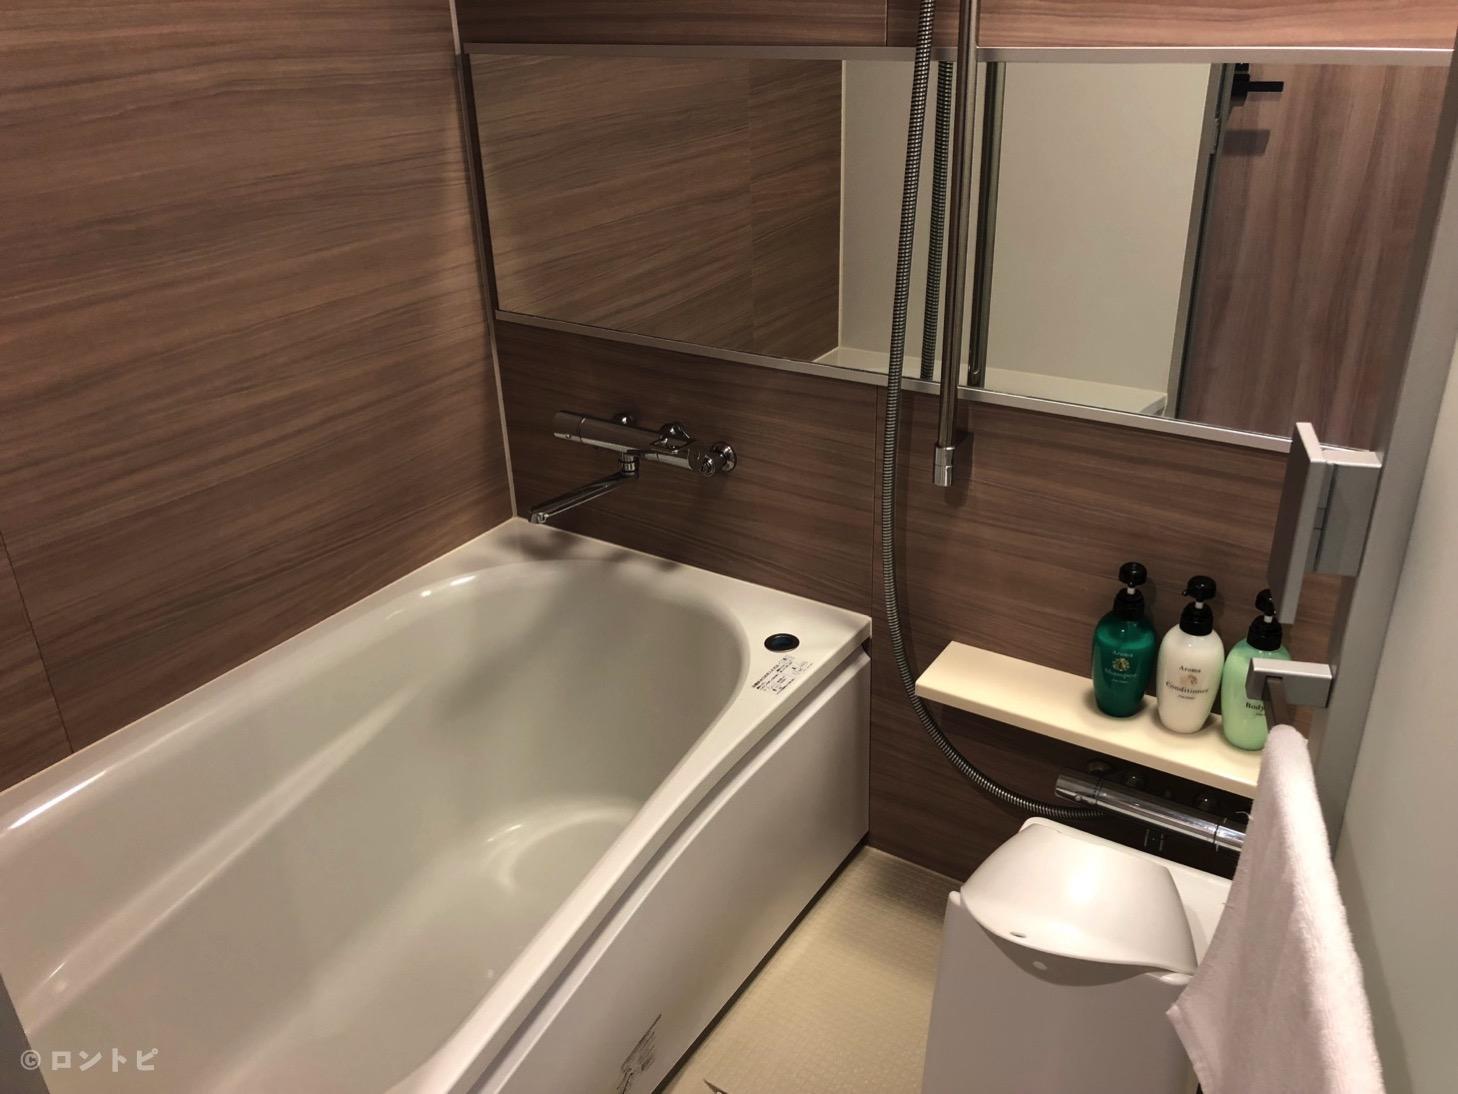 ホテルミュッセ 銀座 お風呂